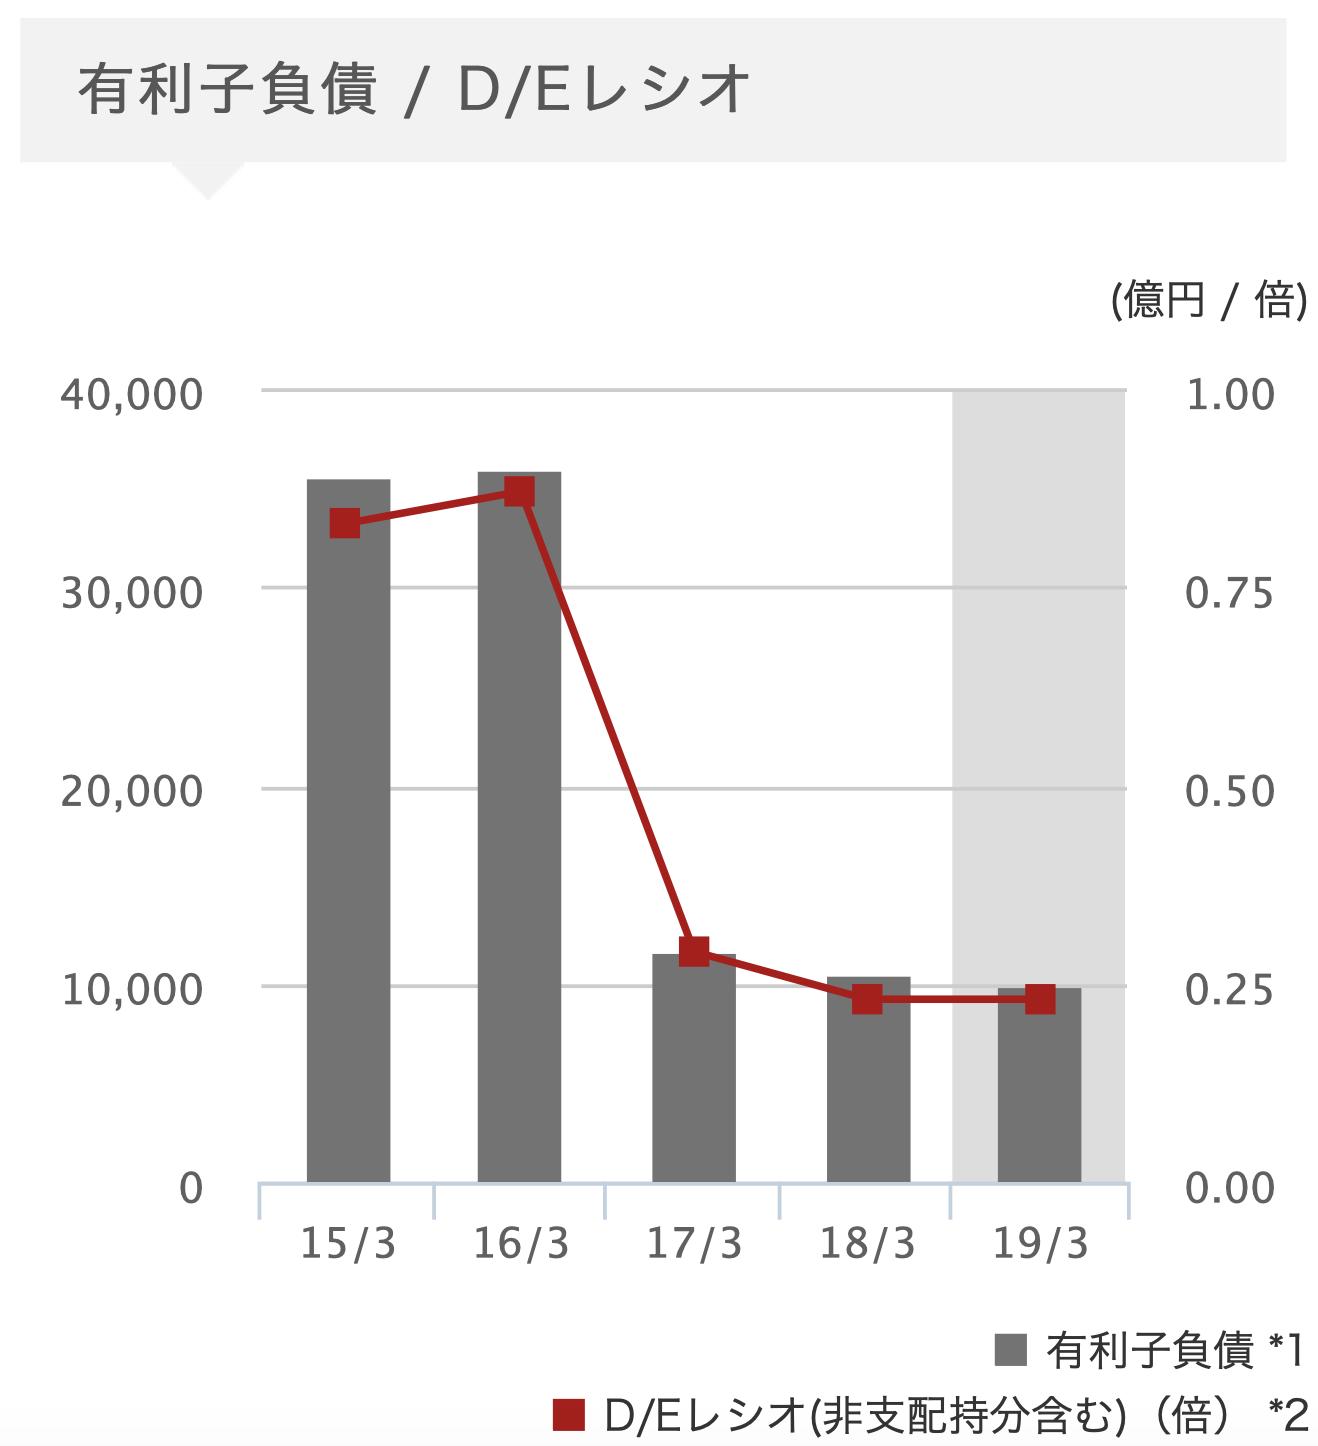 日立製作所 有利子負債 D/Eレシオ